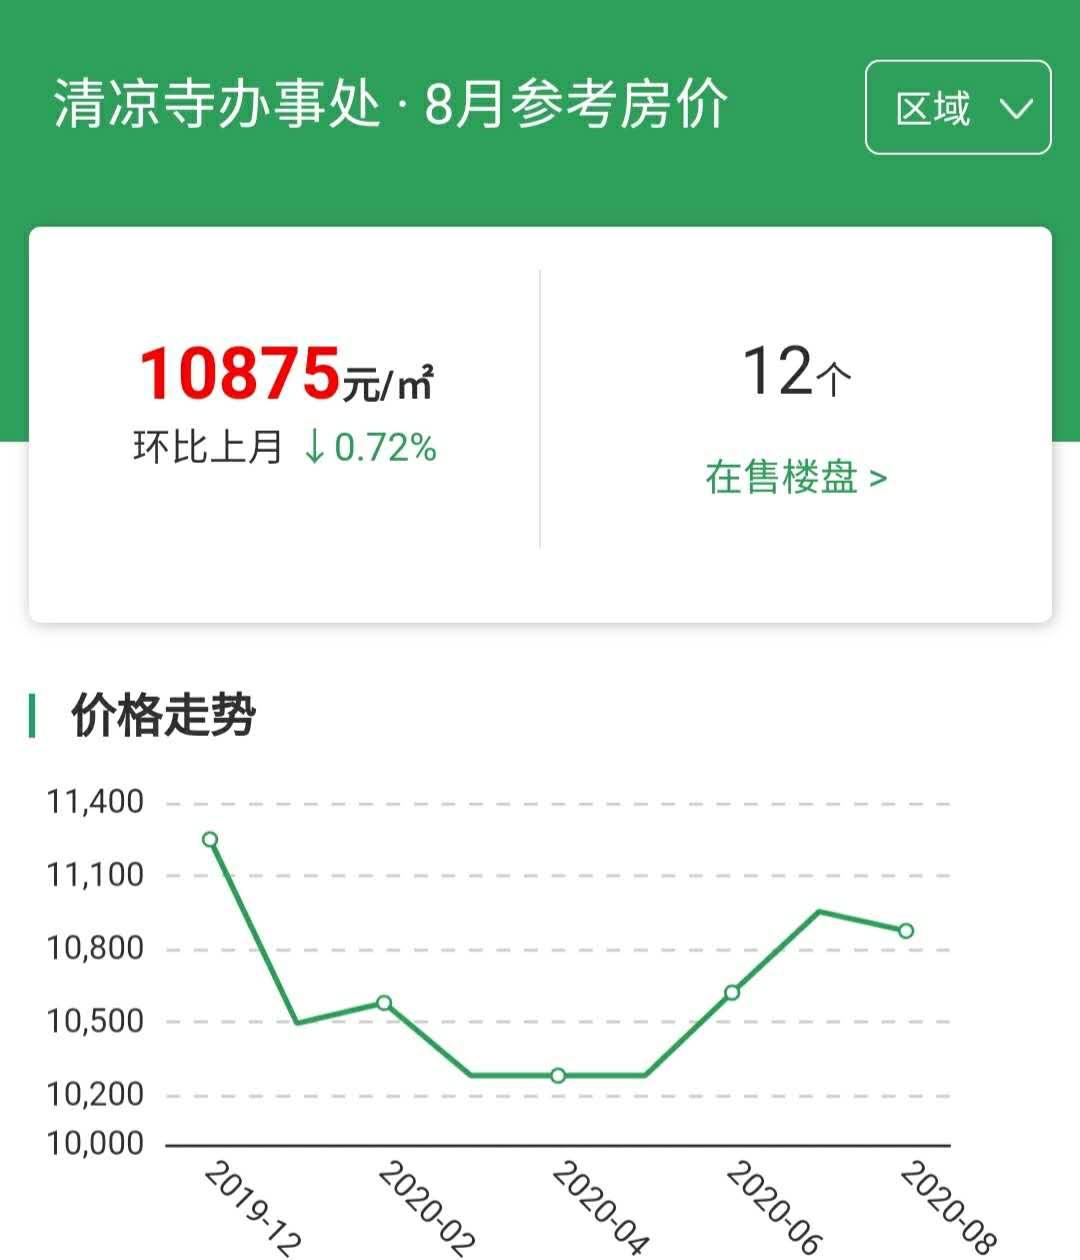 涿州8月份房价走势图